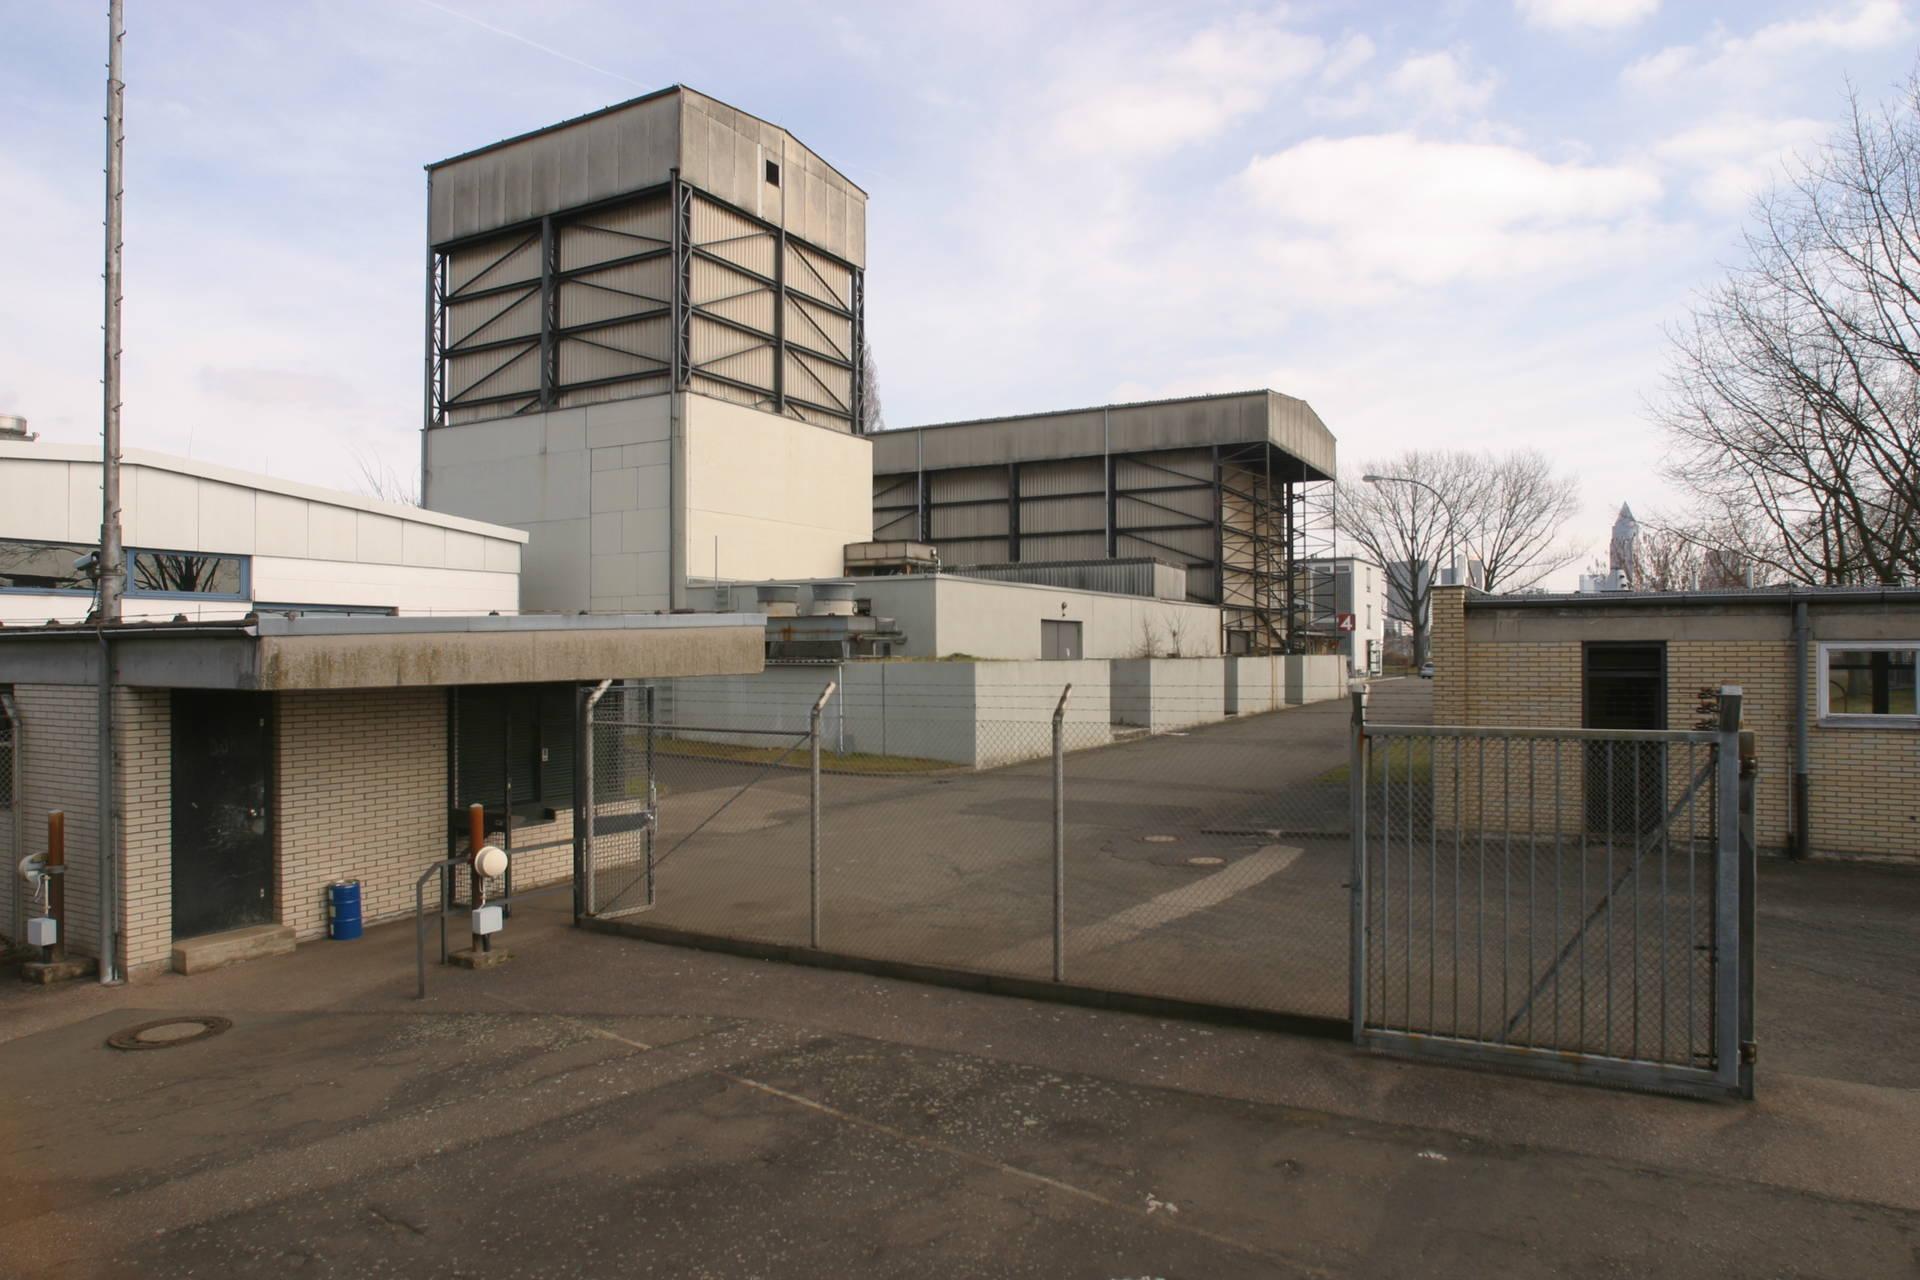 Unscheinbar und ein wenig trist: Die Beschleunigerhalle des Instituts für Kernphysik in Frankfurt am Main, in der Fokke de Boer und Kurt Stiebing nach dem neuen Teilchen suchten.